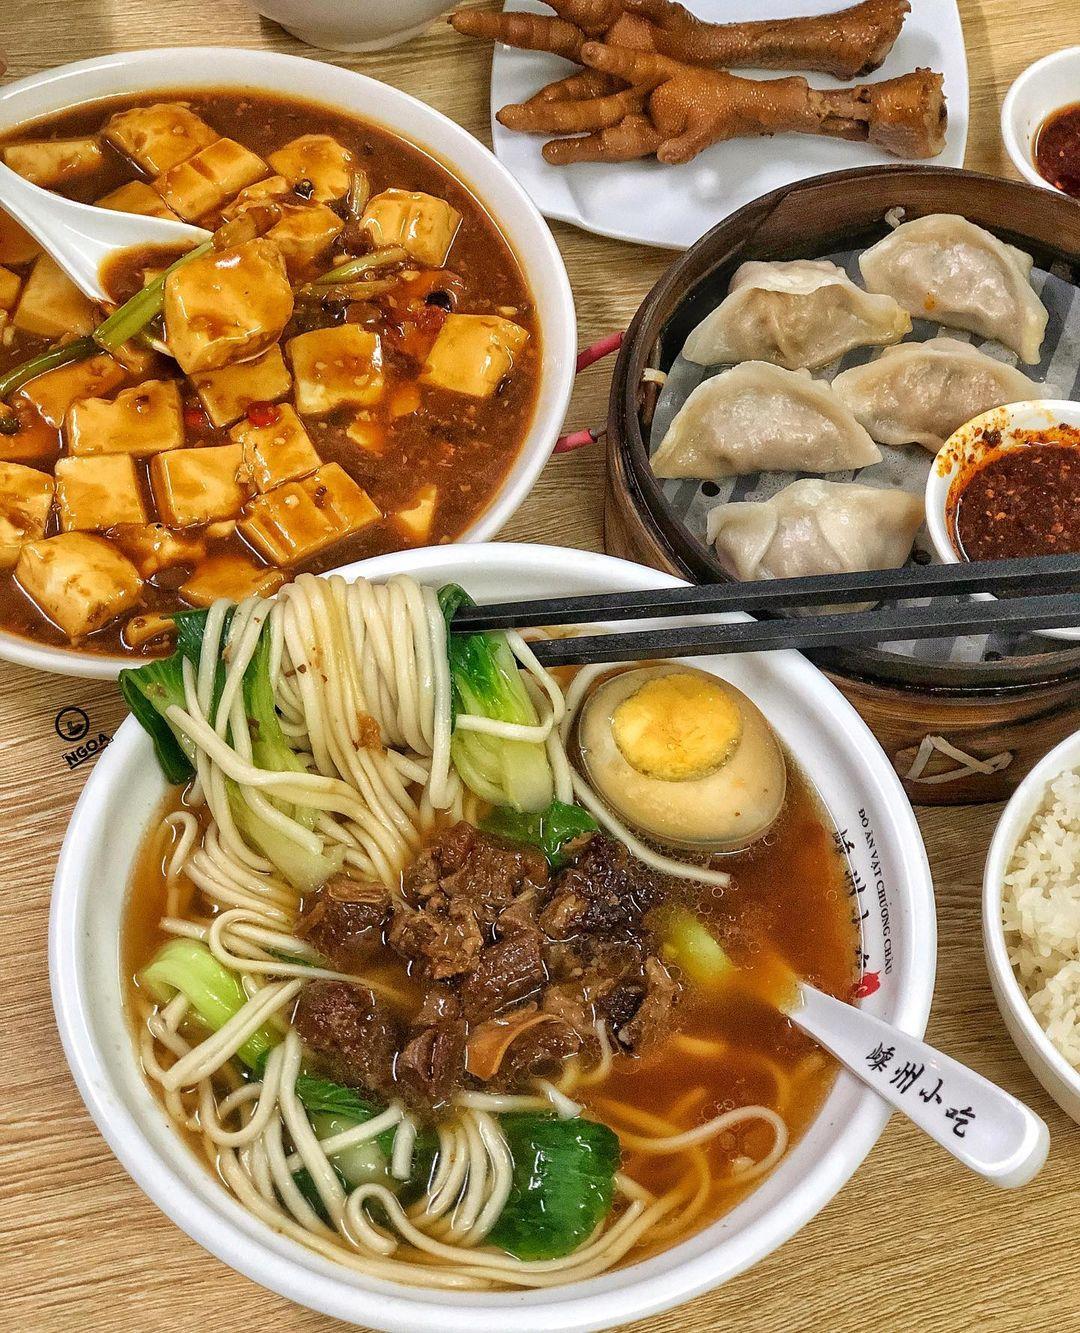 nhà hàng Trung Quốc ở Hà Nội - quán Anh Béo